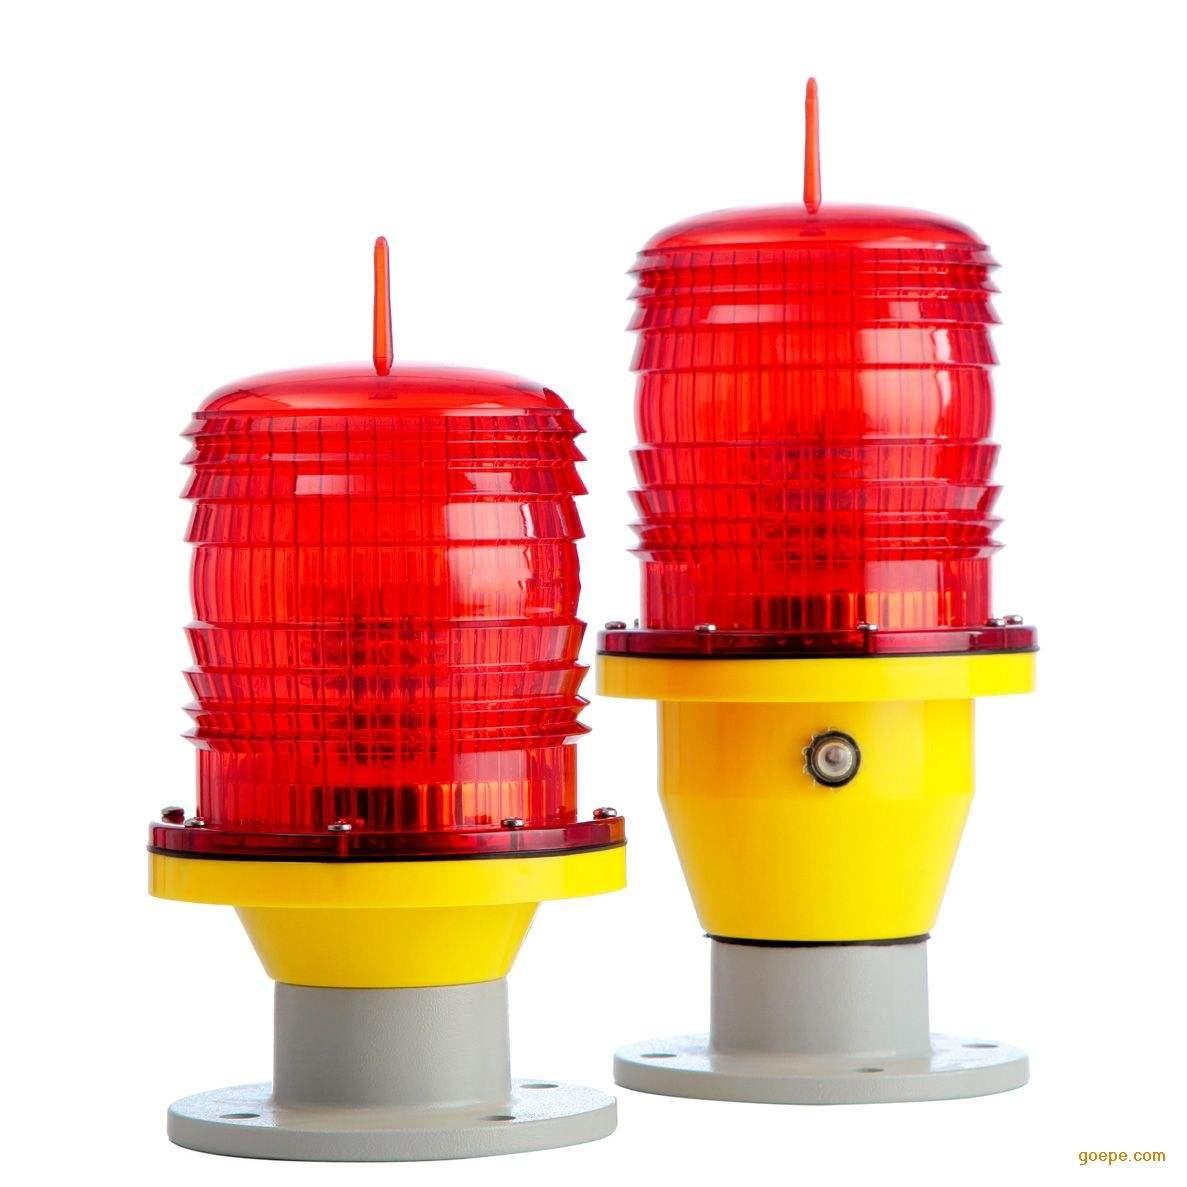 GZ-122中低光强航空障碍灯